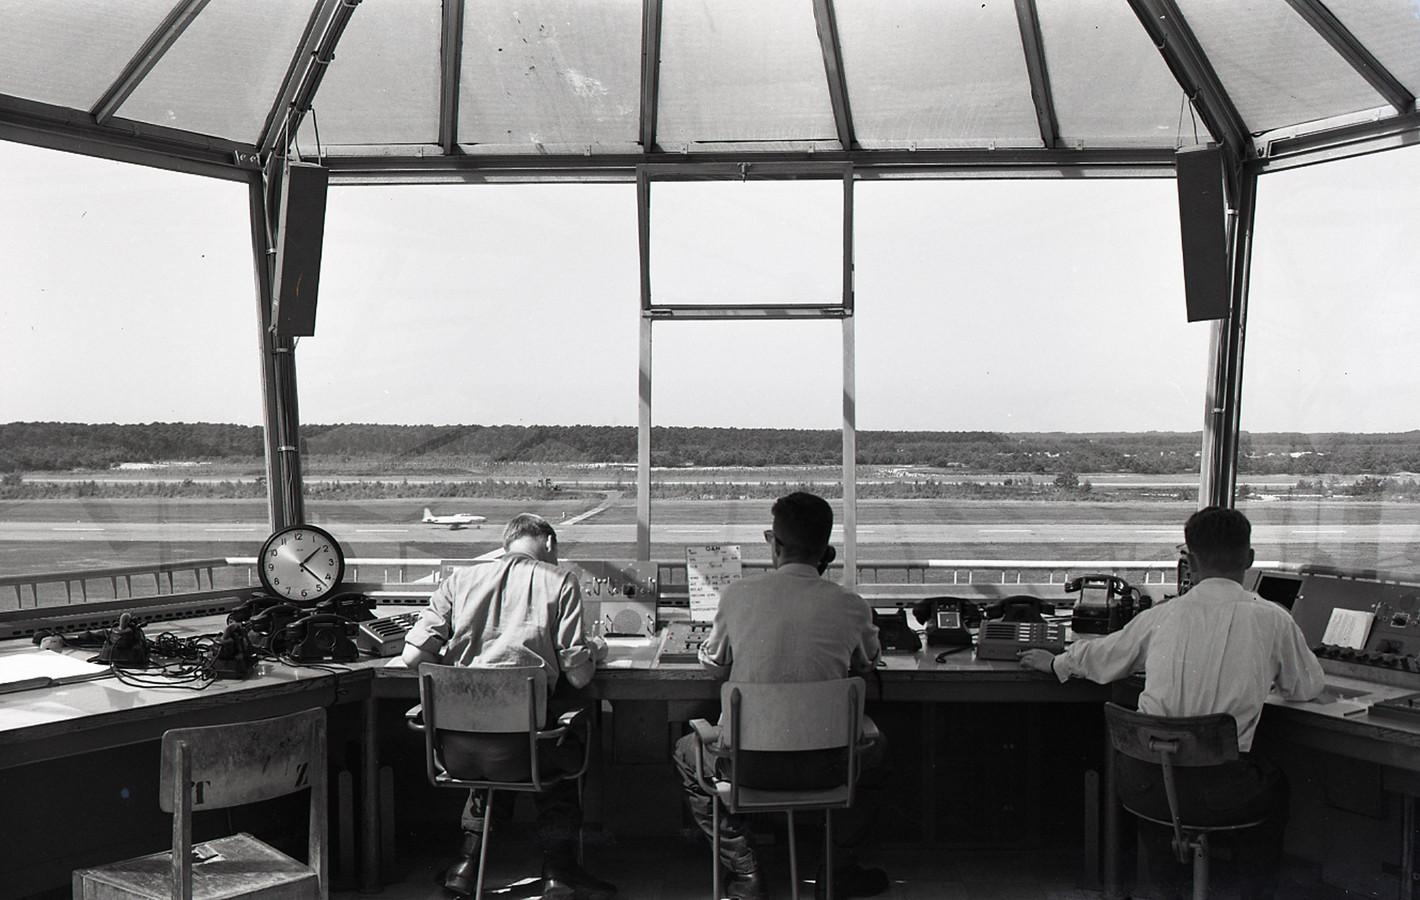 De luchtverkeerstoren van Vliegbasis Woensdrecht in 1959.